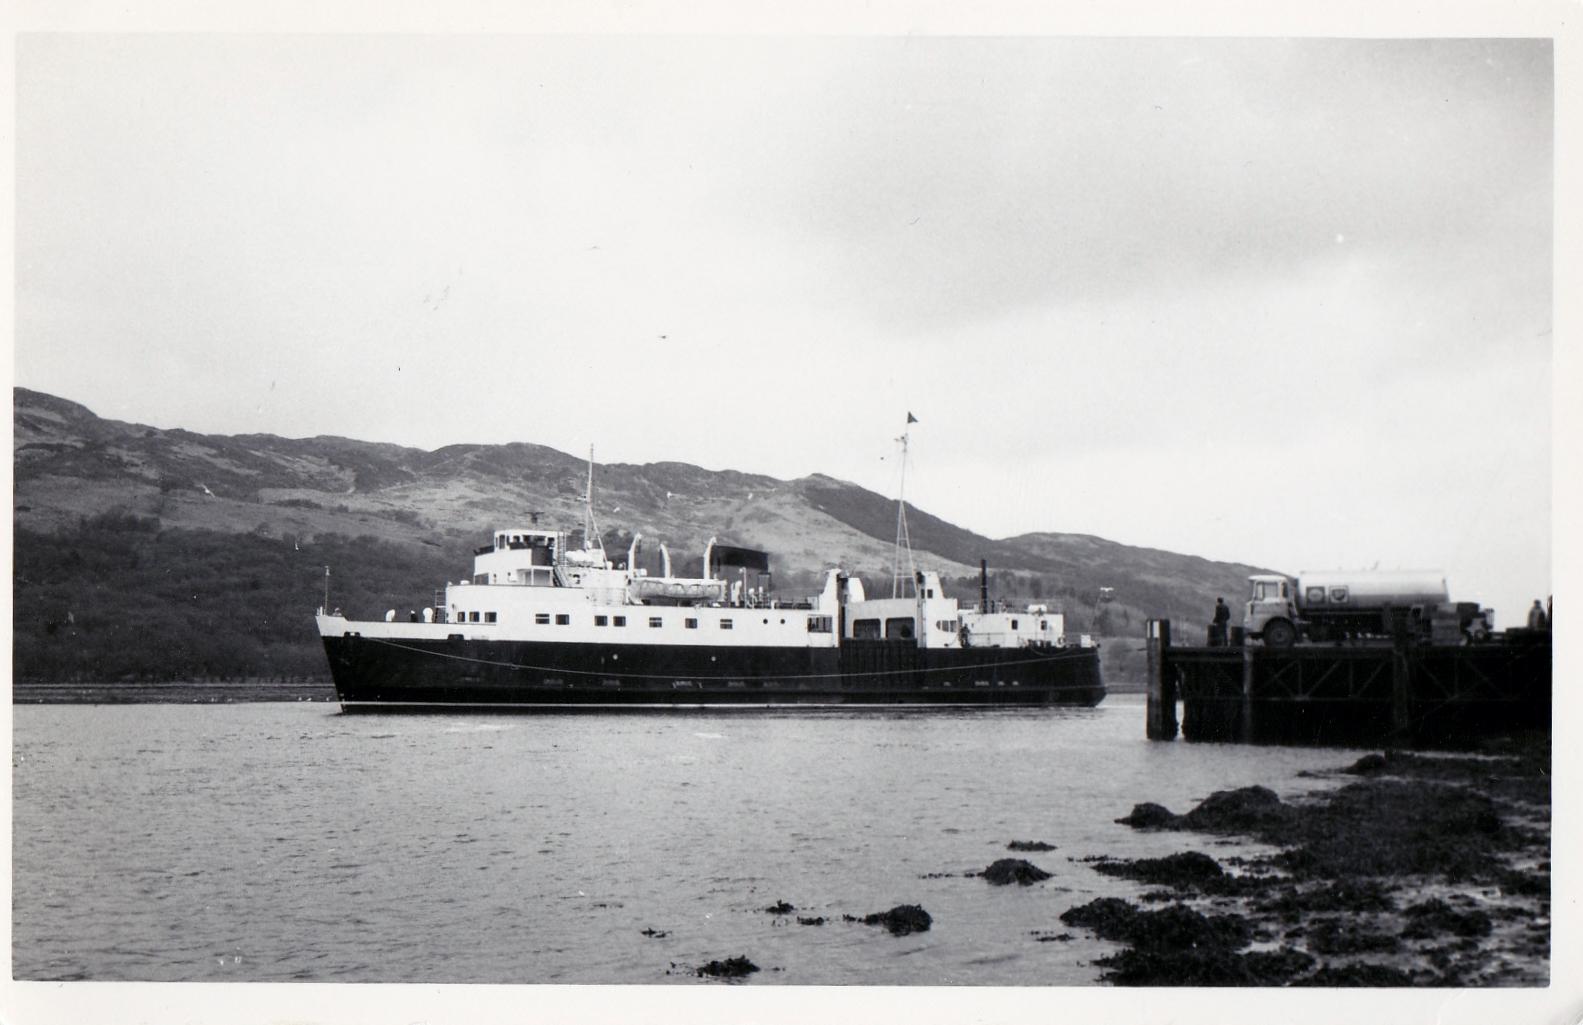 At West Loch Tarbert